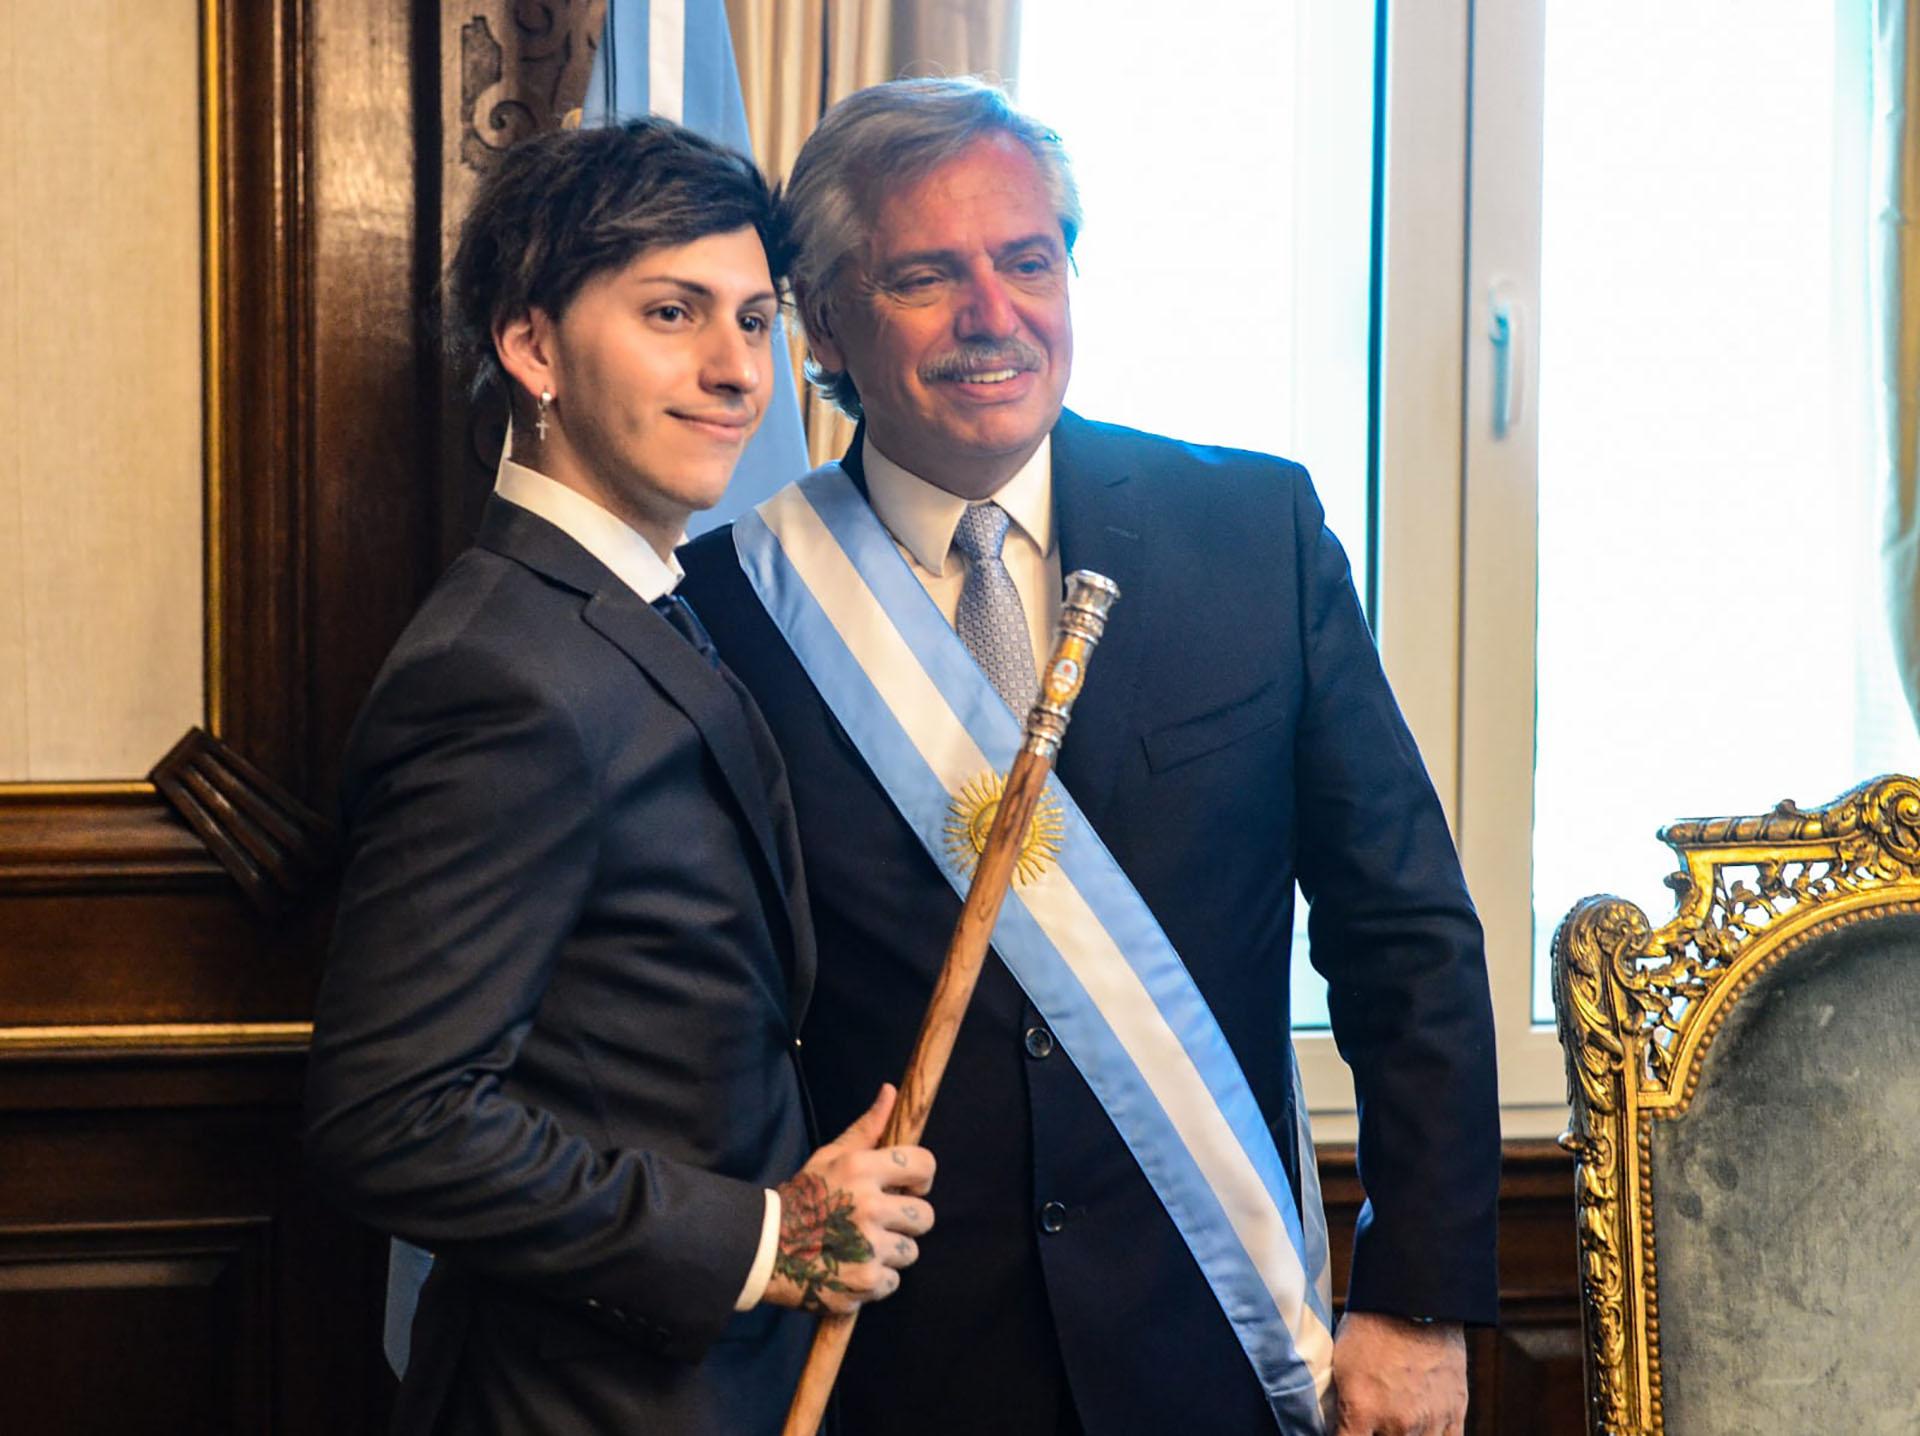 Estanislao Fernández, hijo del presidente, posa con el bastón de mando en la mano